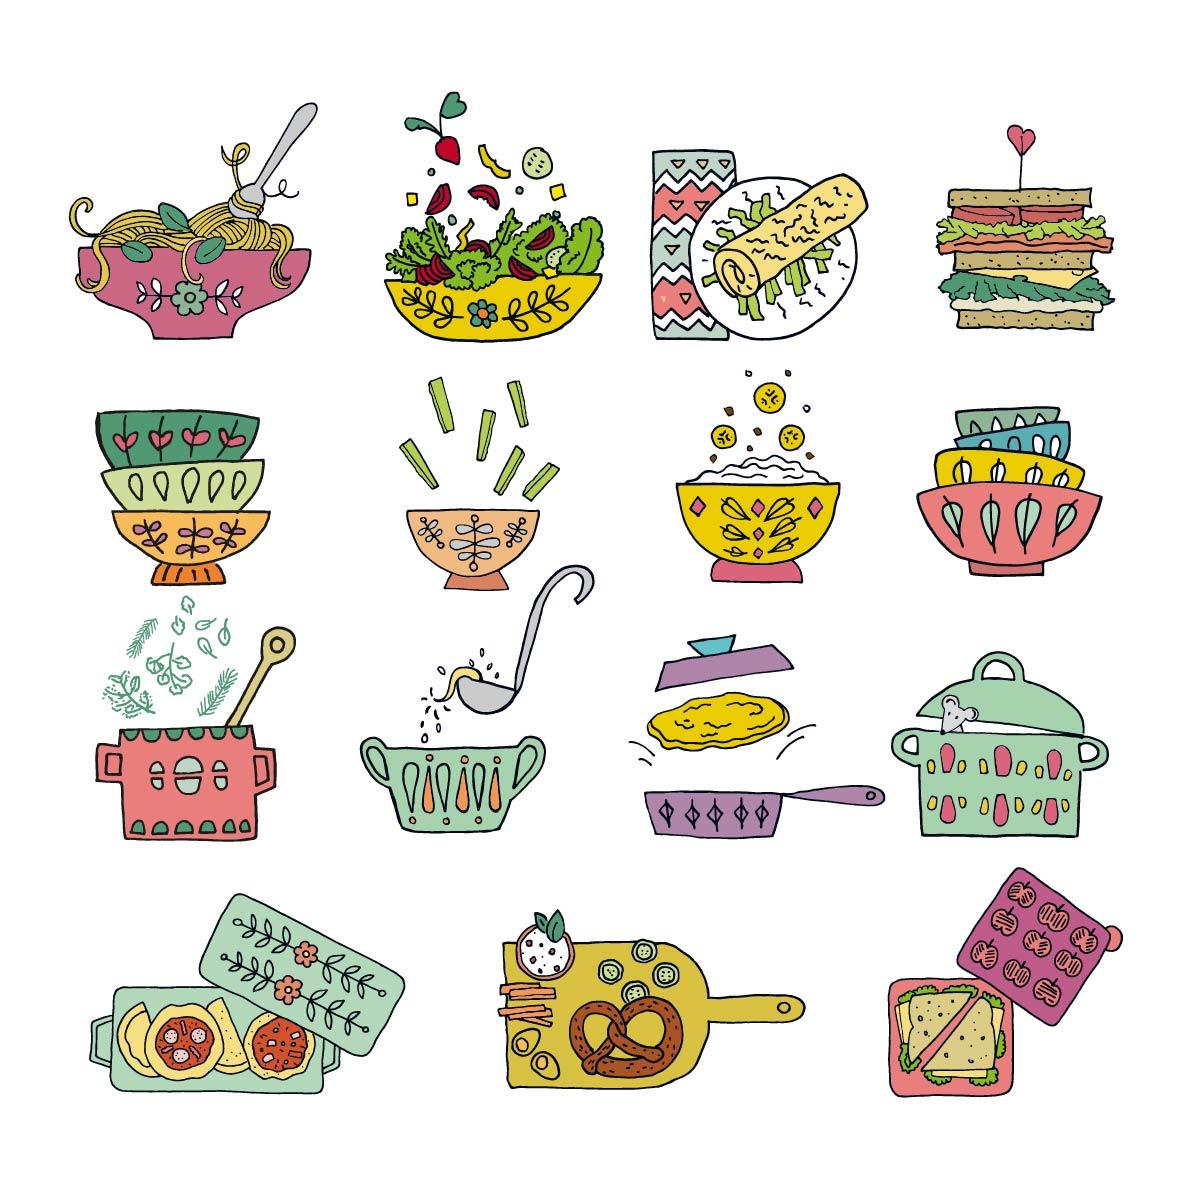 Hanbdzeichnung coloriert Speisen Mittagessen Kochen mit Kindern Wiesbaden